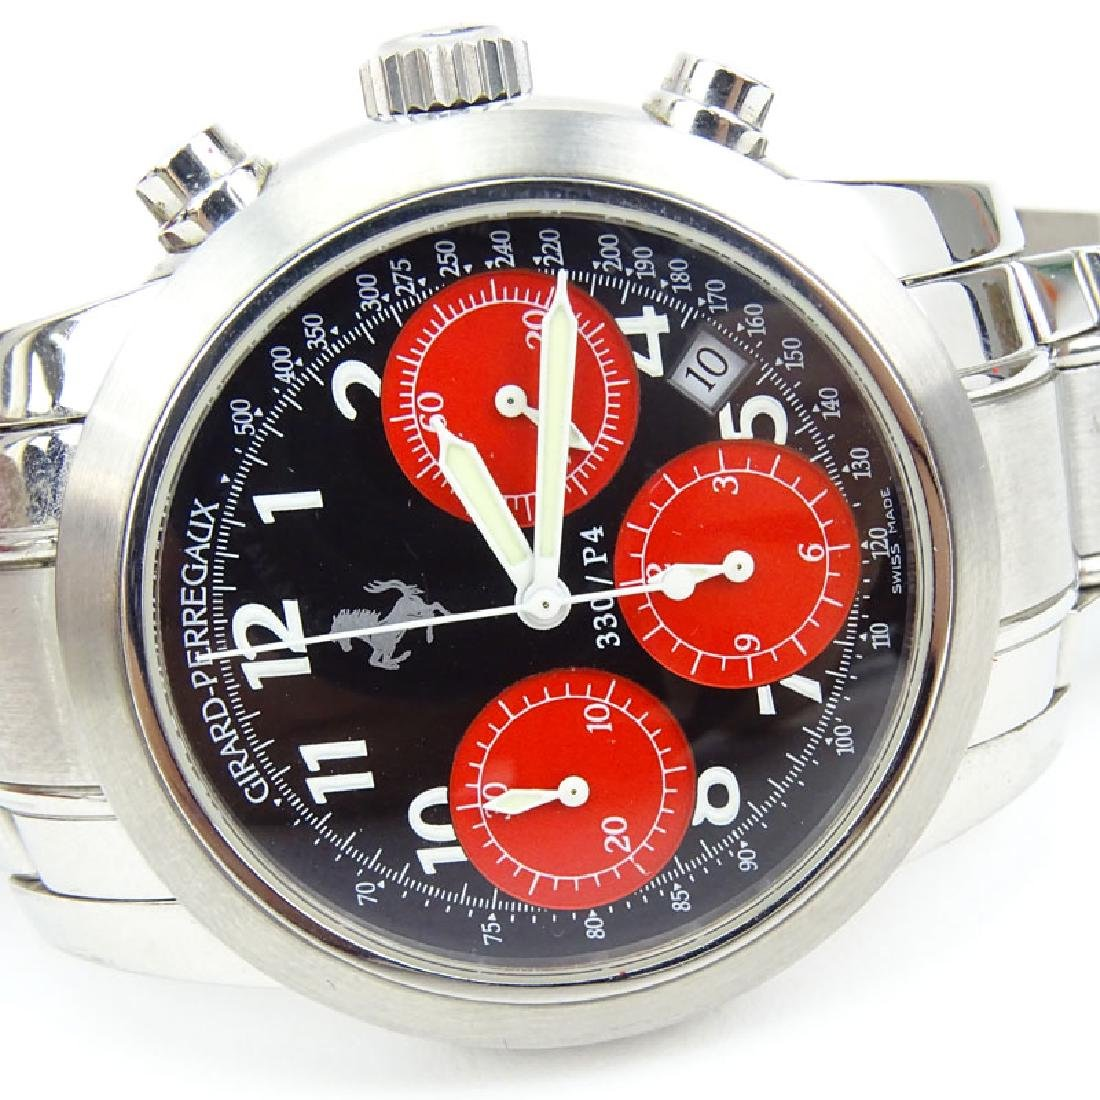 Girard-Perregaux pour Ferrari Stainless Steel - 4